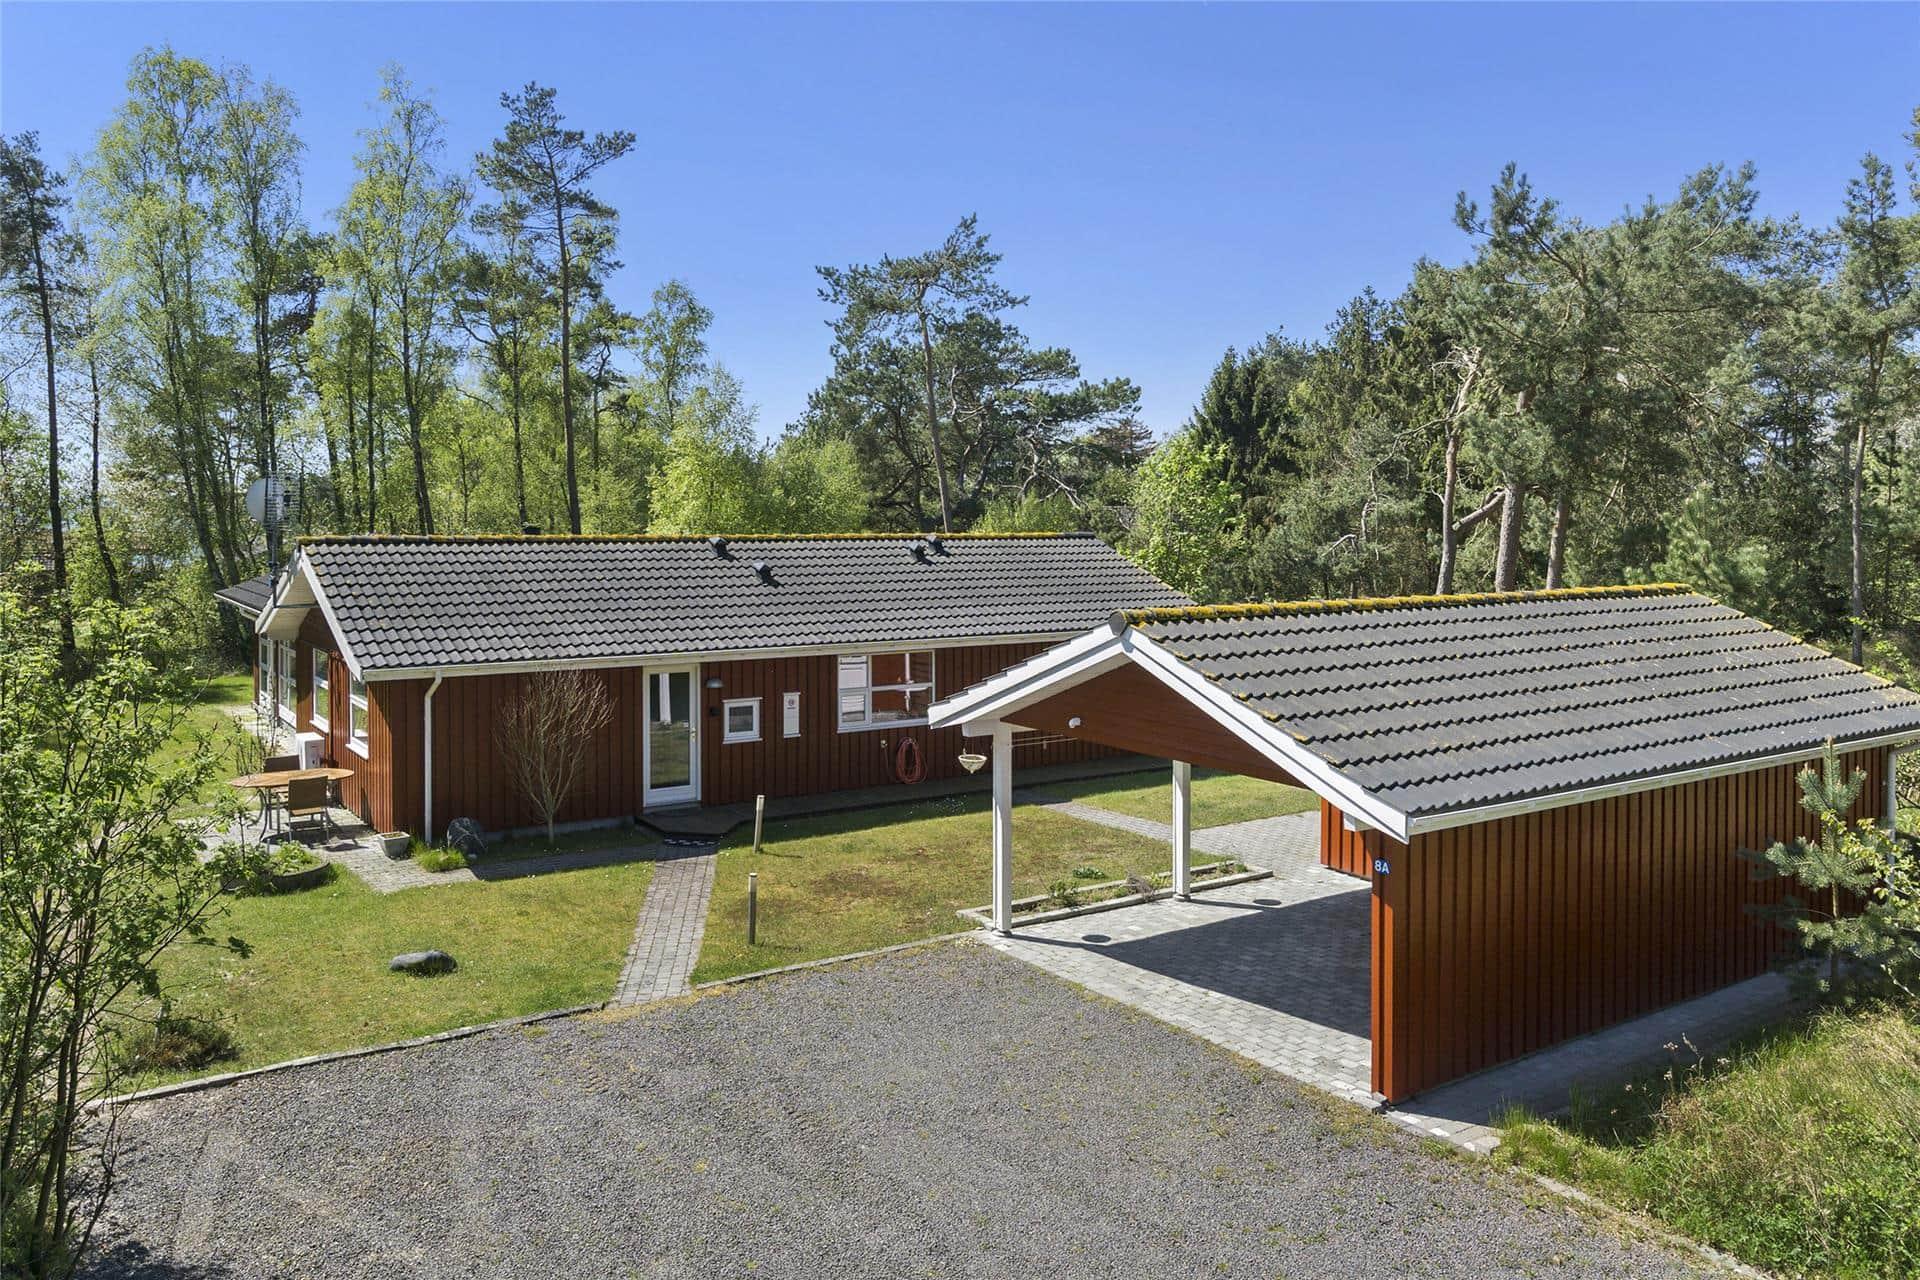 Billede 1-10 Sommerhus 1505, Sluseparken 8, DK - 3720 Aakirkeby